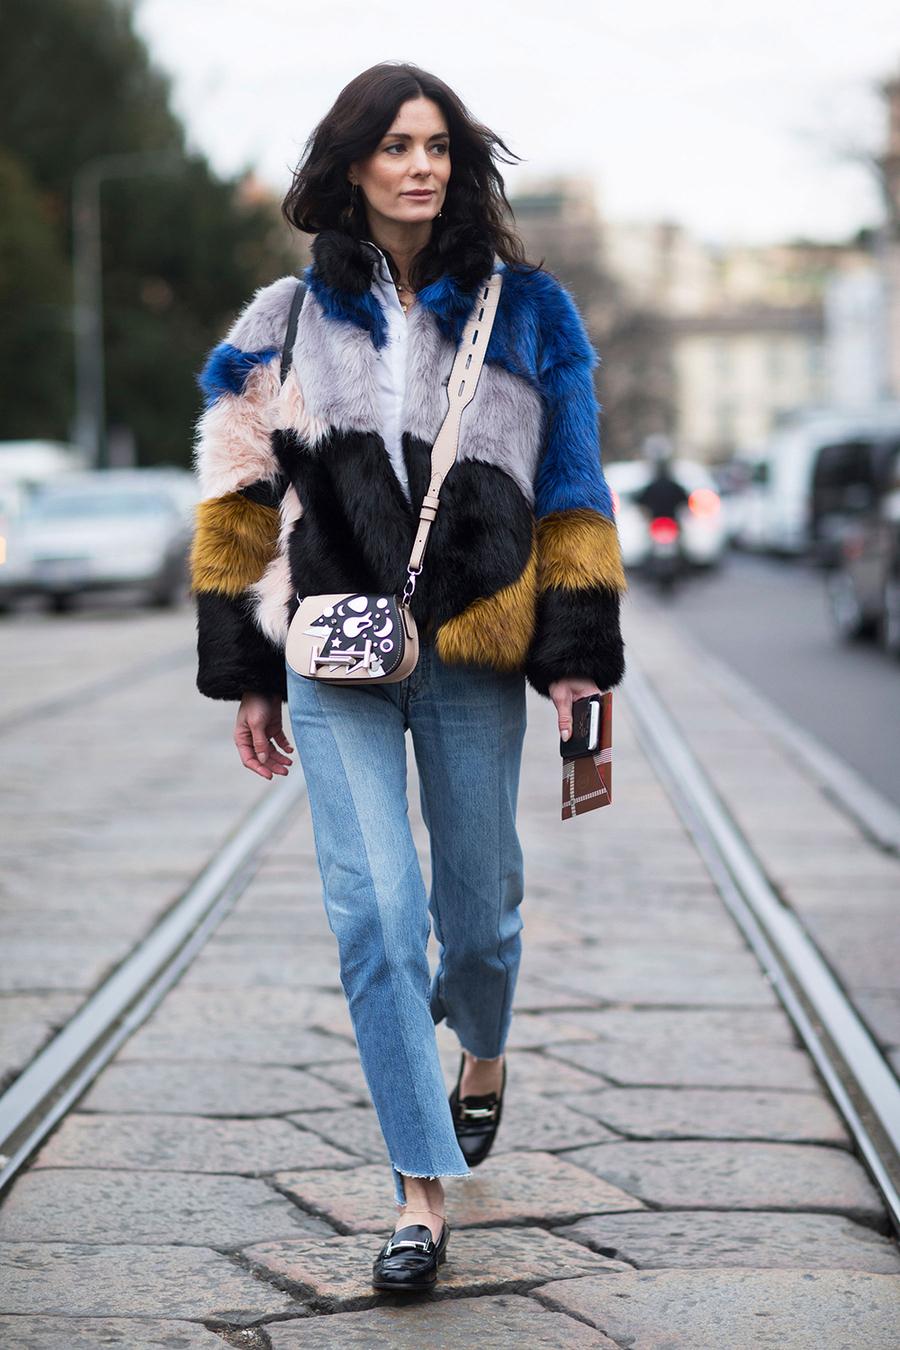 Интересная модная модель джинсов 2017 с короткой цветной шубкой